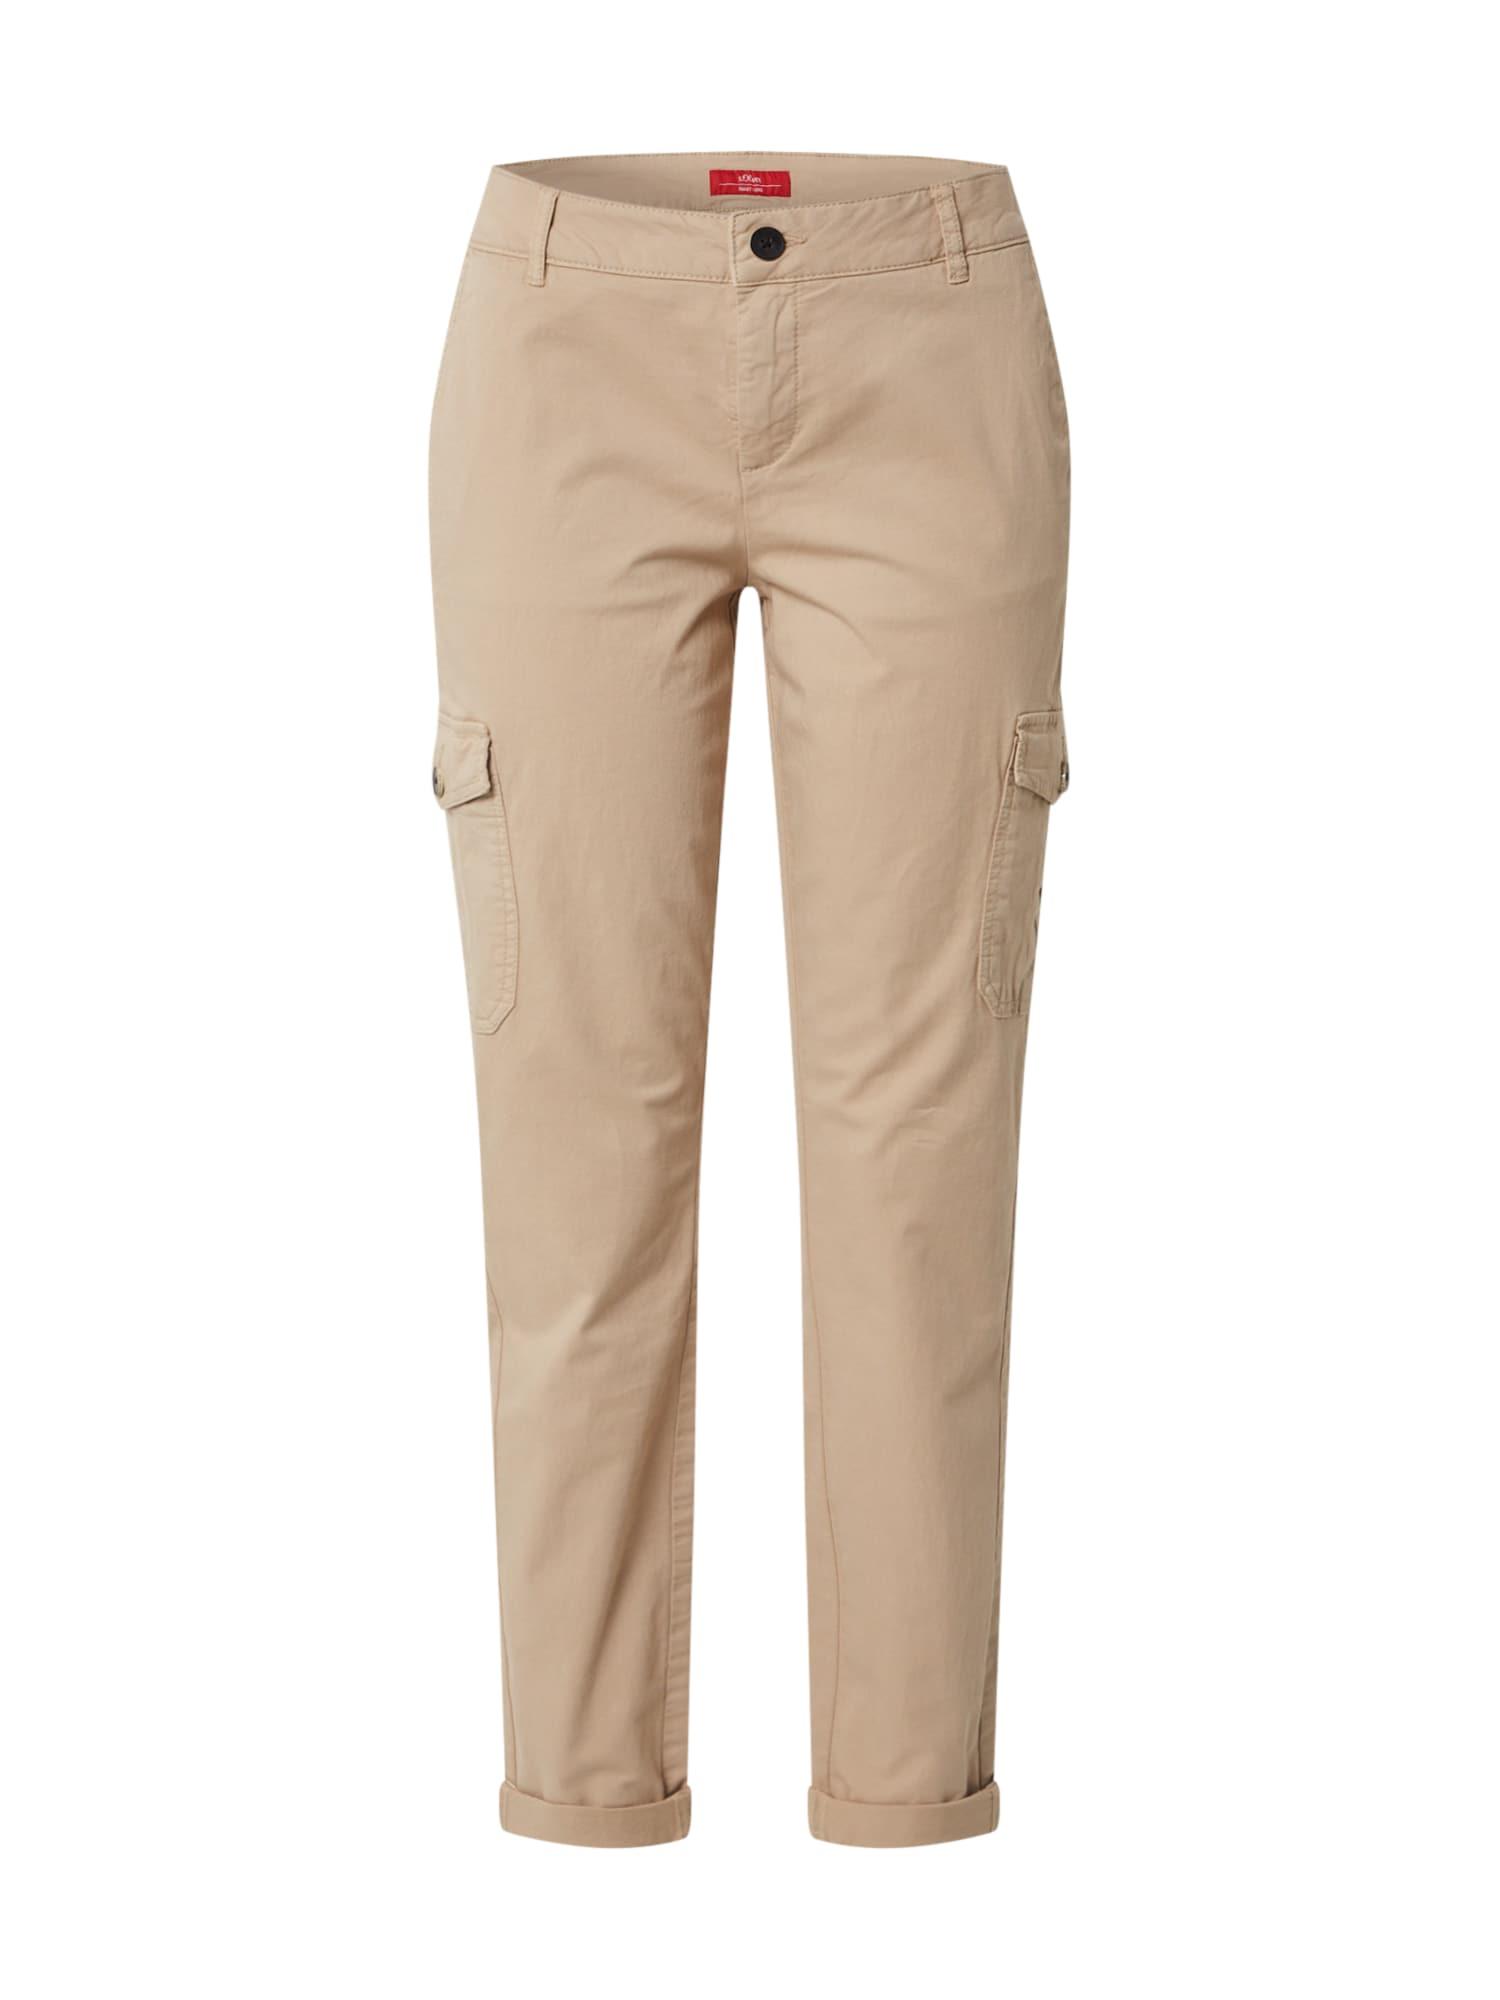 s.Oliver Chino kalhoty  světle hnědá